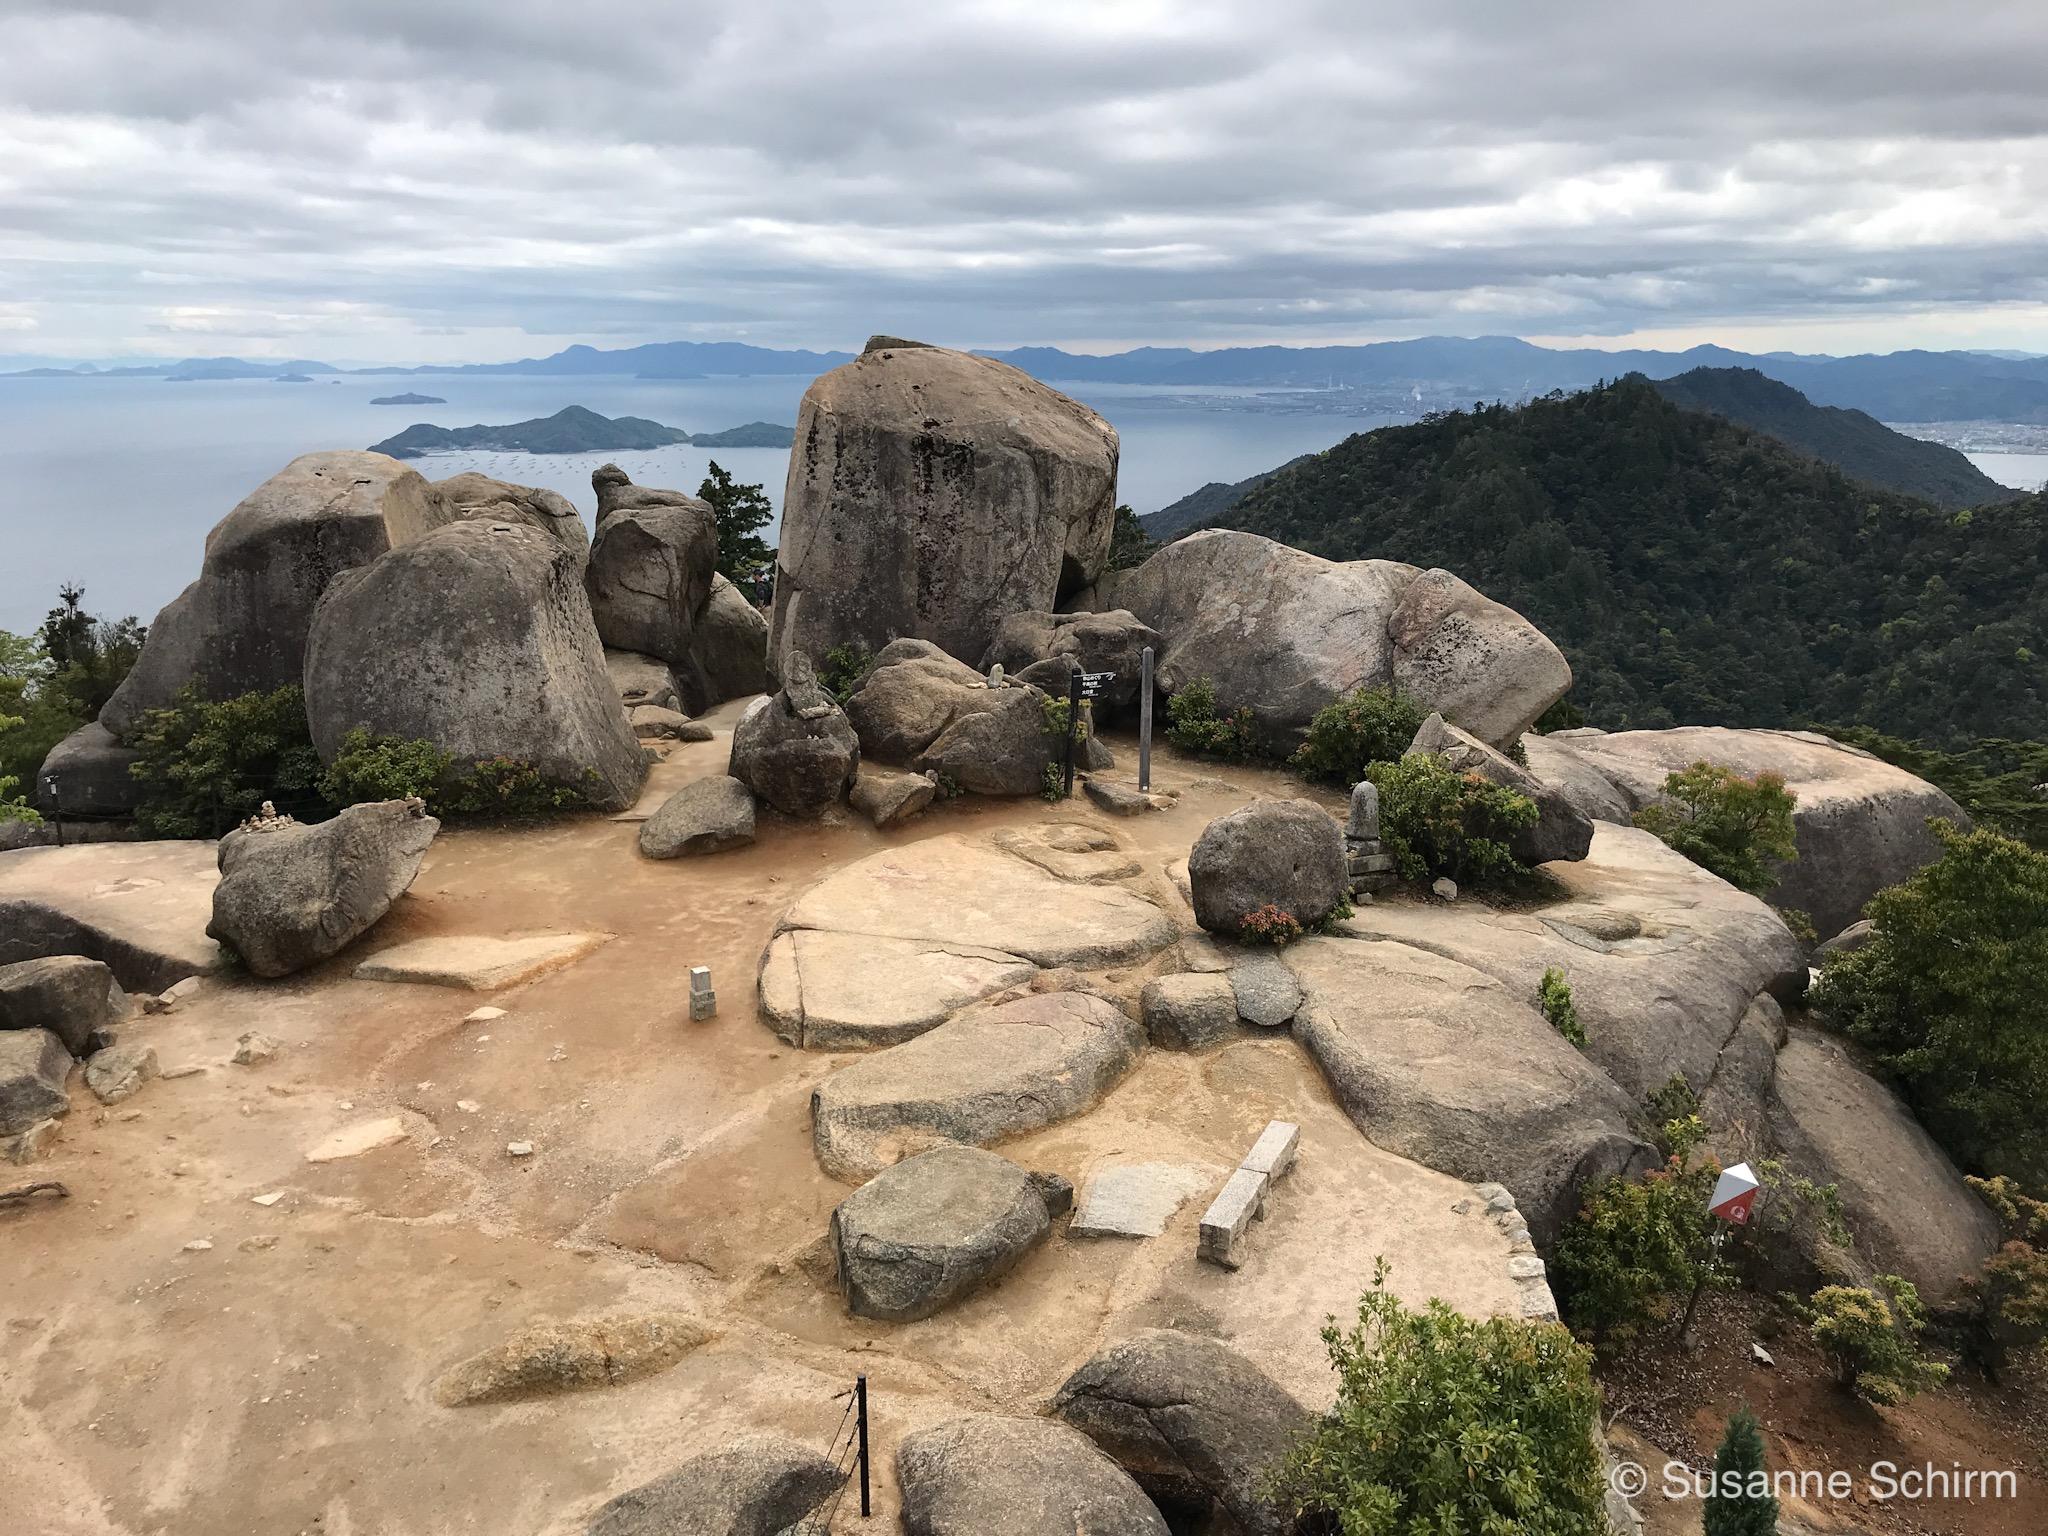 Bild vom Gipfel des Berg Misen